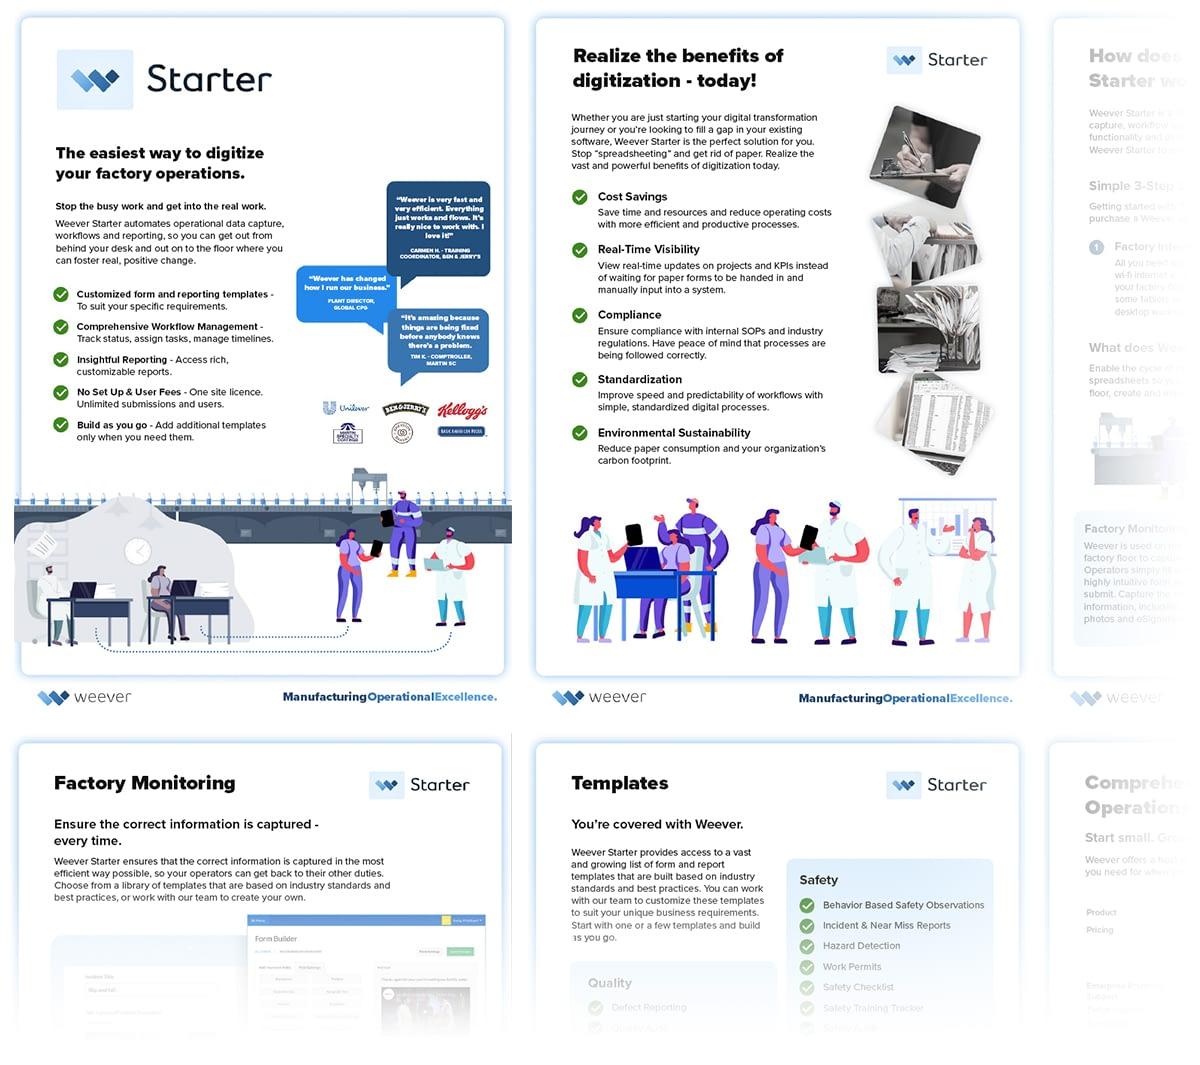 weever-starter-brochure-banner-website